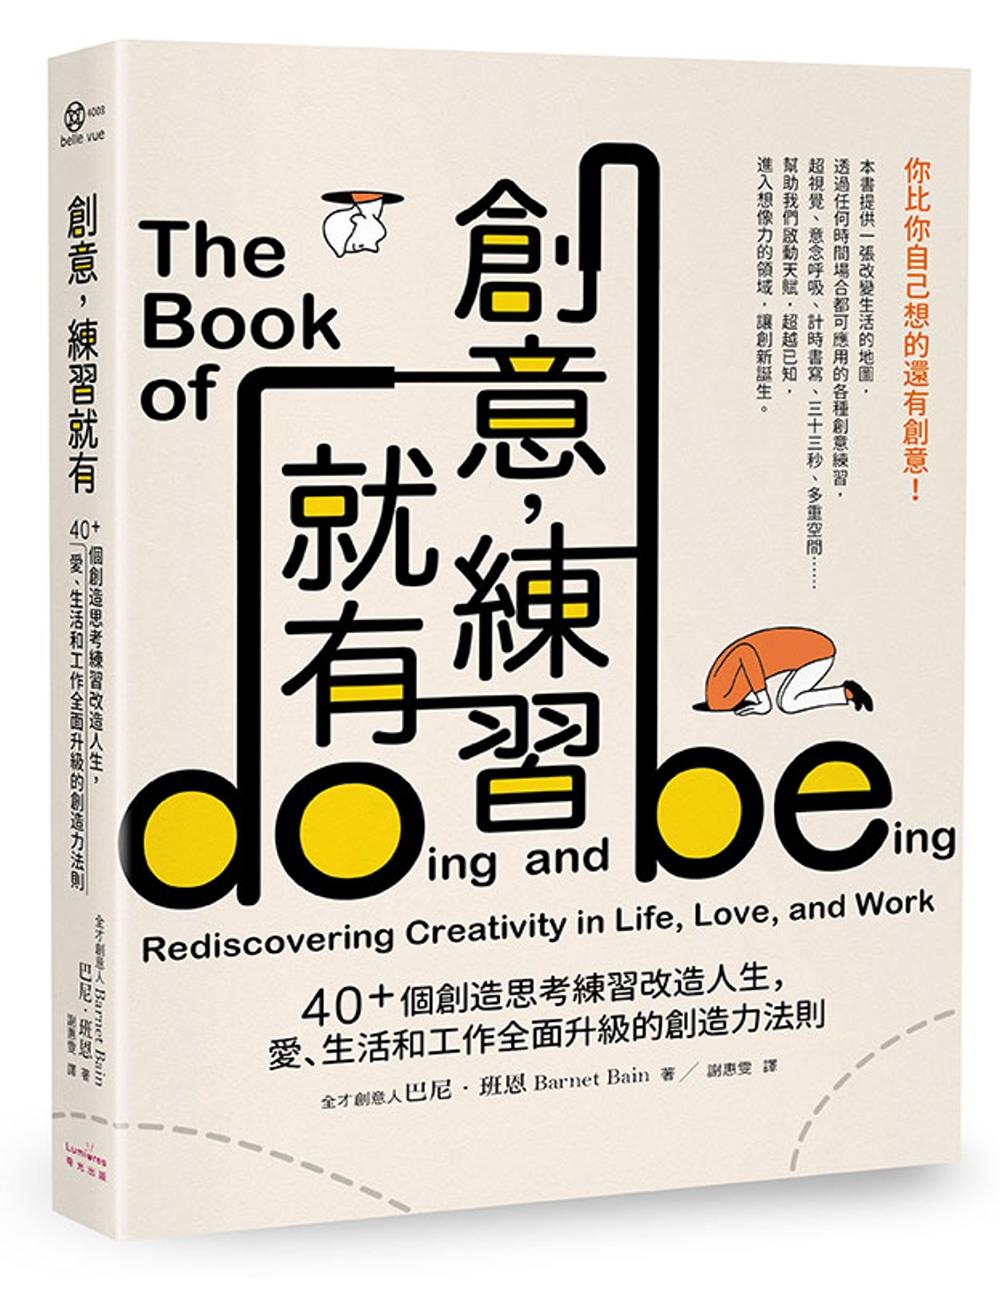 創意,練習就有:40+個創造思考練習改造人生,愛、生活和工作全面升級的創造力法則